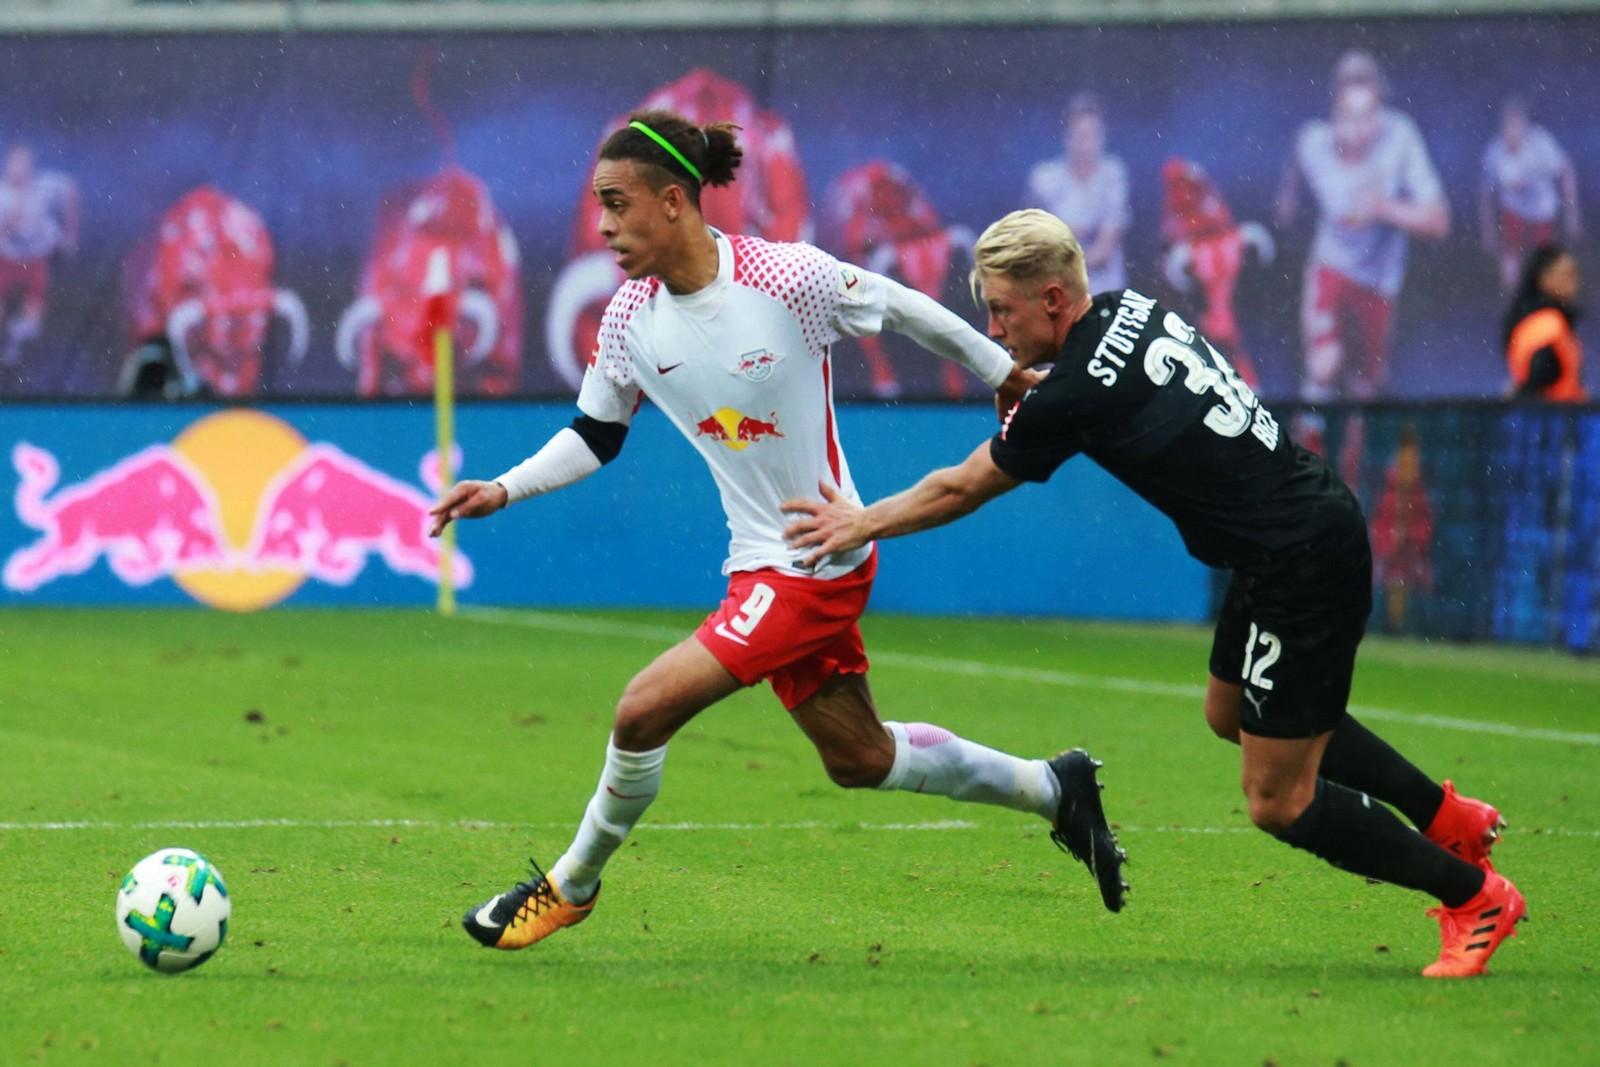 Yussuf Poulsen von RB Leipzig gegen Andreas Beck vom VfB Stuttgart